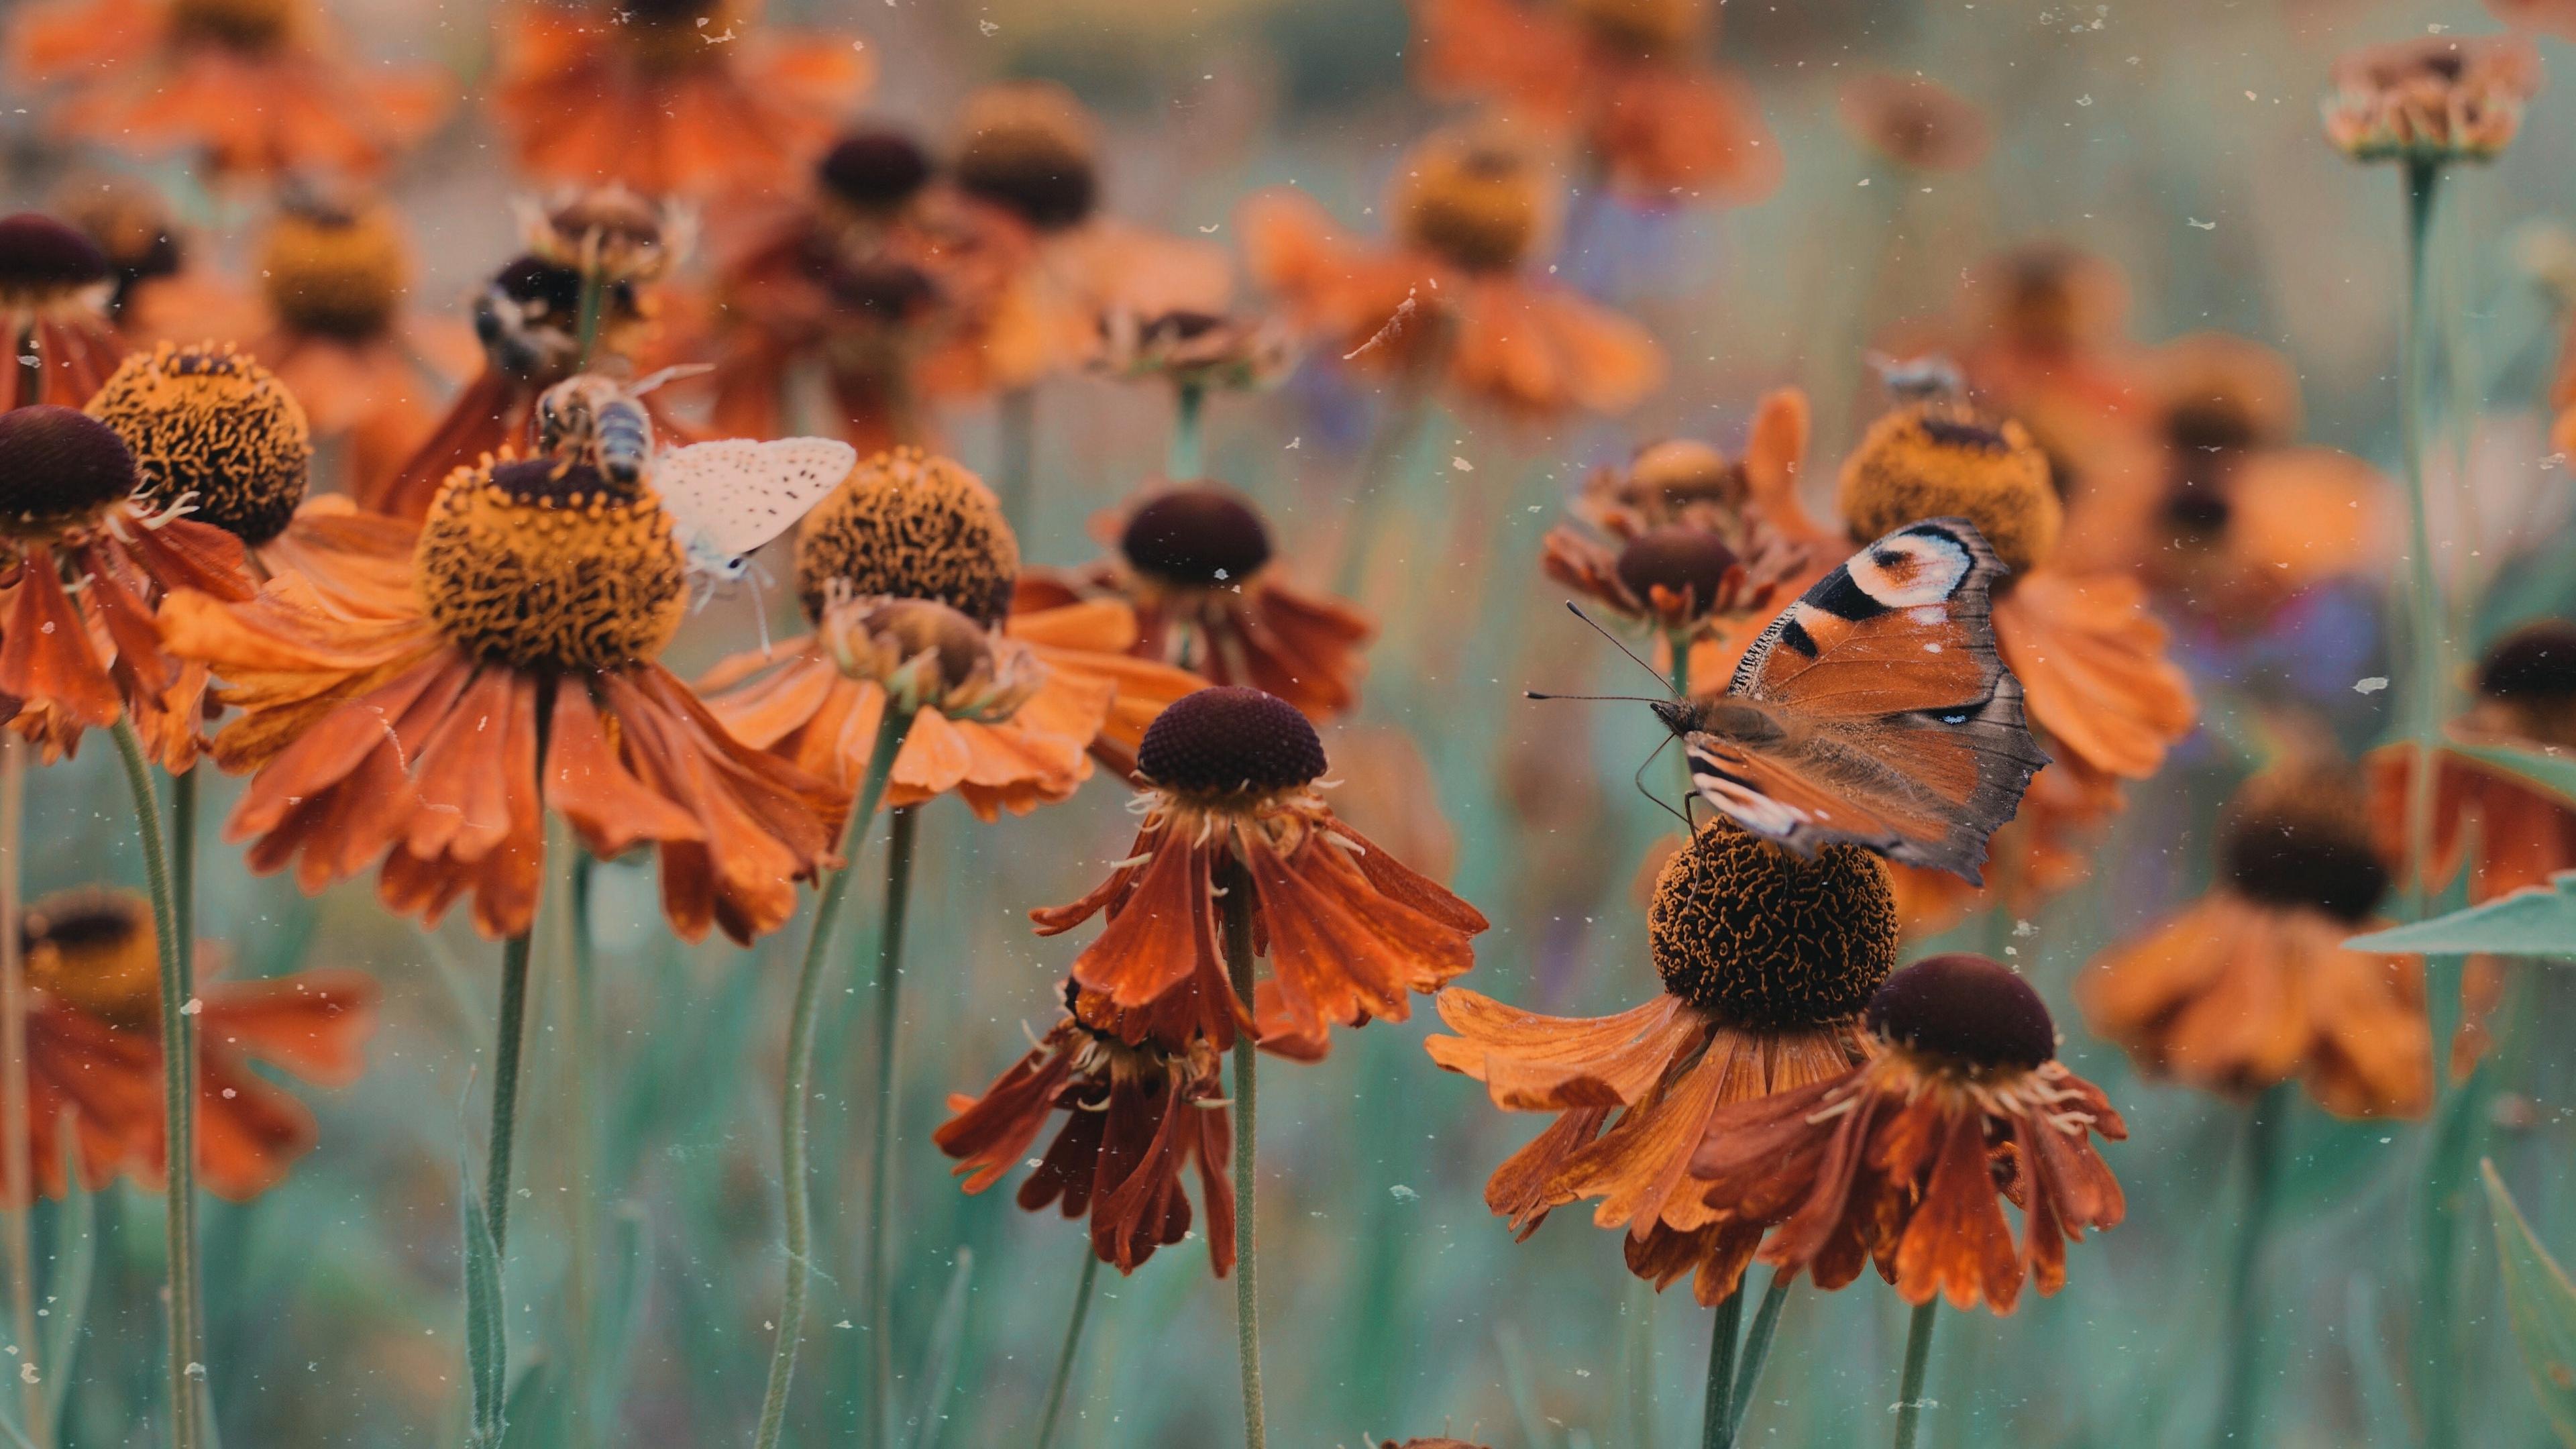 butterfly flowers flowerbed blur 4k 1540064944 - butterfly, flowers, flowerbed, blur 4k - Flowers, flowerbed, Butterfly